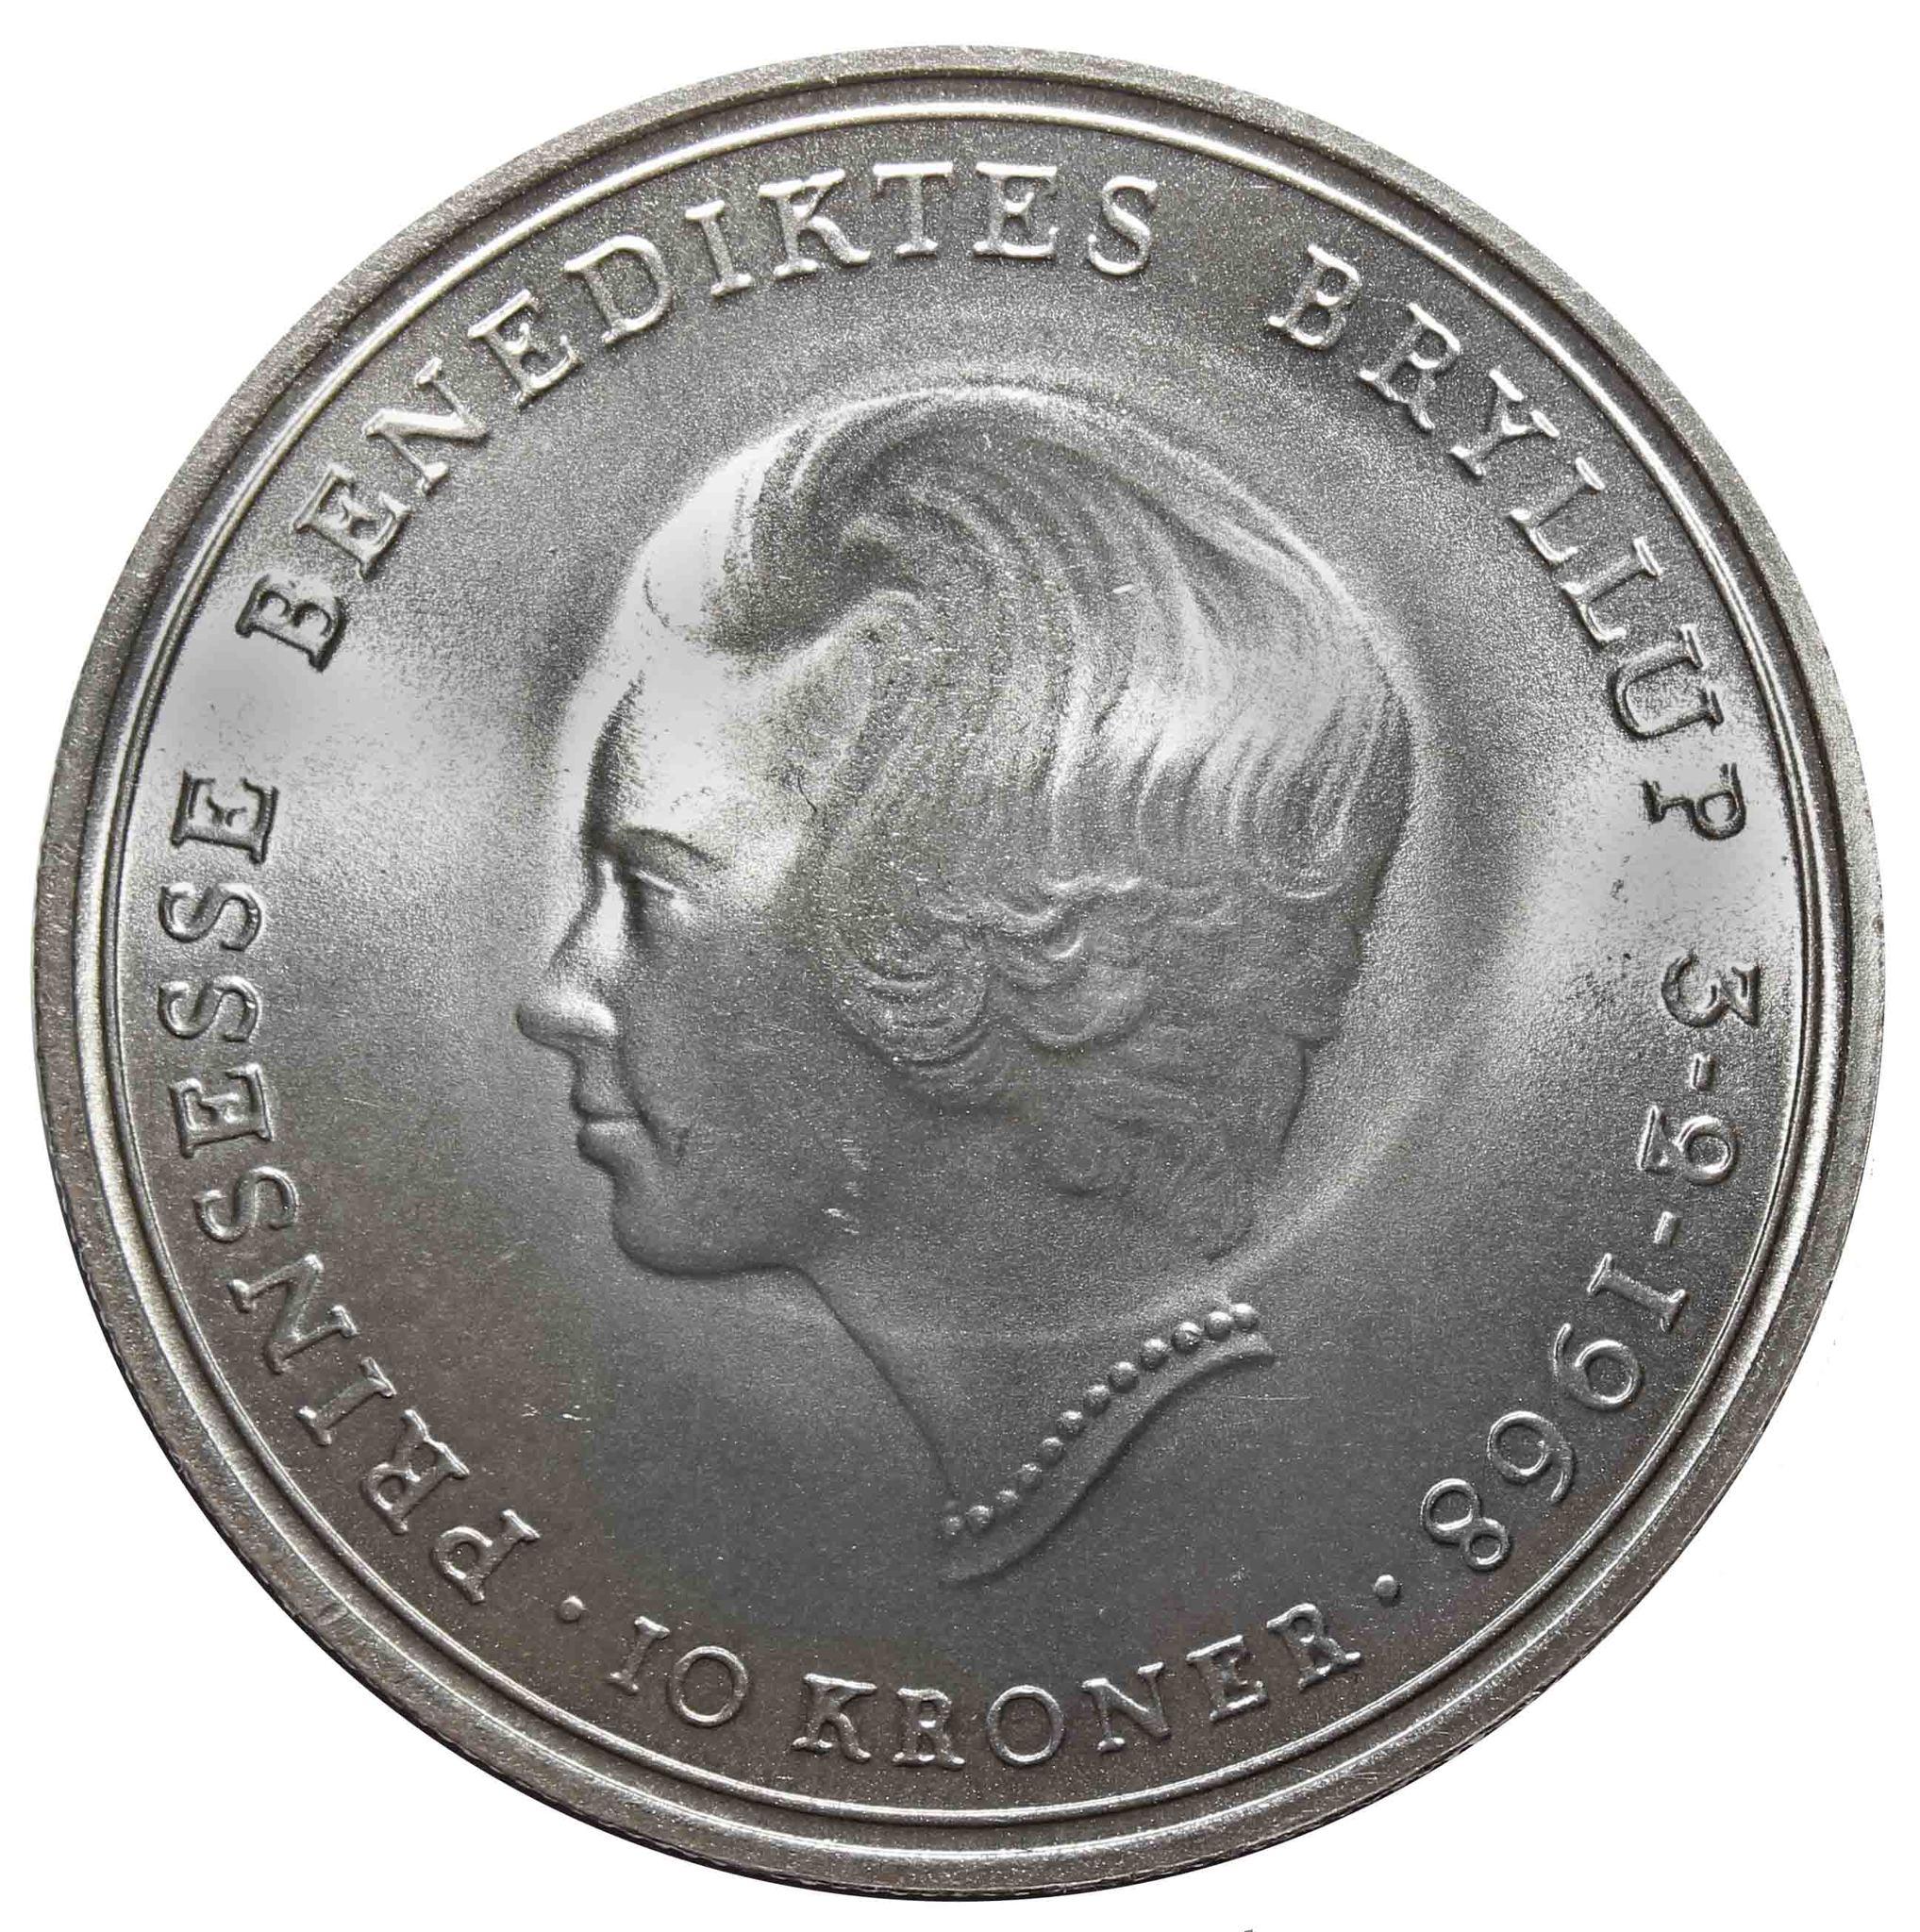 10 крон. Свадьба Принцессы Бенедикты. Дания. 1968. Серебро. UNC